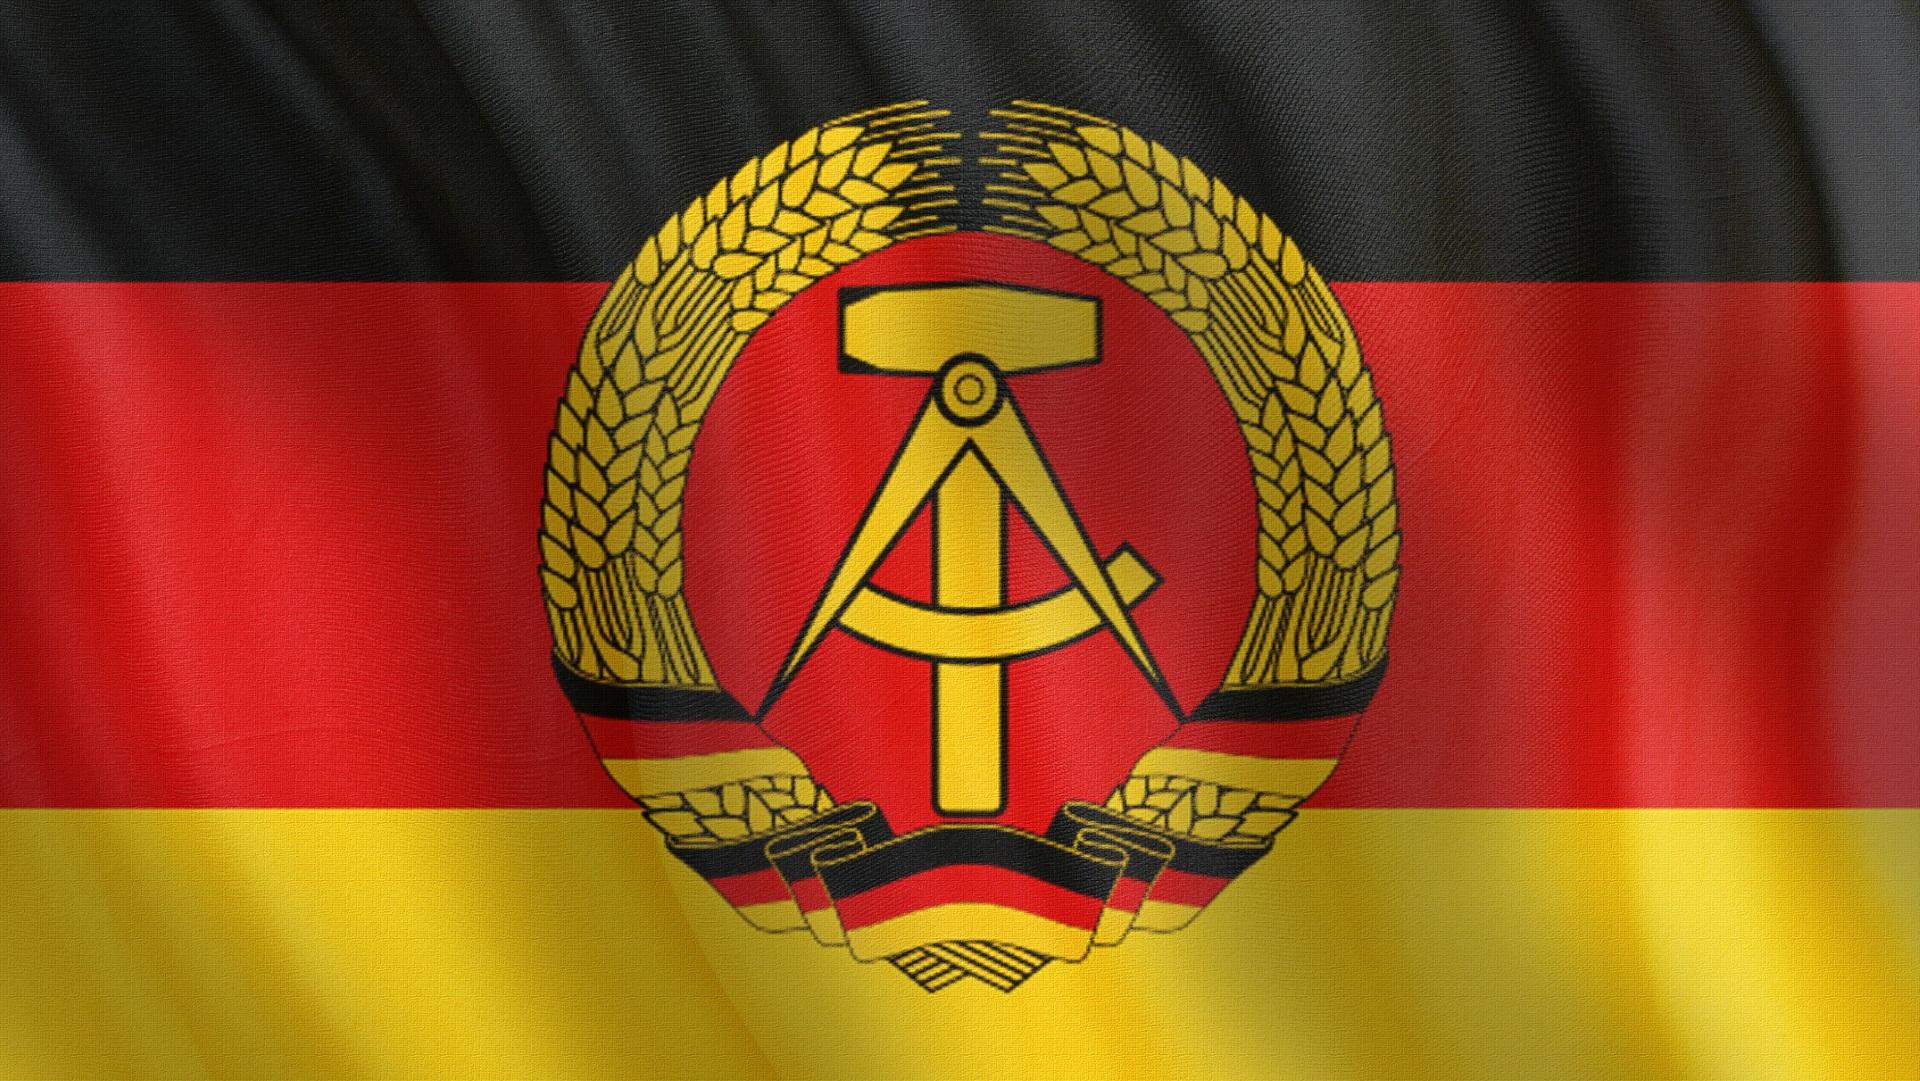 <p><strong>Германска Демократична Република (ГДР)</strong></p>  <p>След Втората световна война Съюзниците разделят Германия и столицата ѝ Берлин на източна и западна част, създавайки Германската Демократична Република, позната още като Източна Германия. Социалистическата страна е под контрола на СССР до 1990 г., когато отново се обединява със Западна Германия след падането на Берлинската стена през 1989 г.</p>  <p>&nbsp;</p>